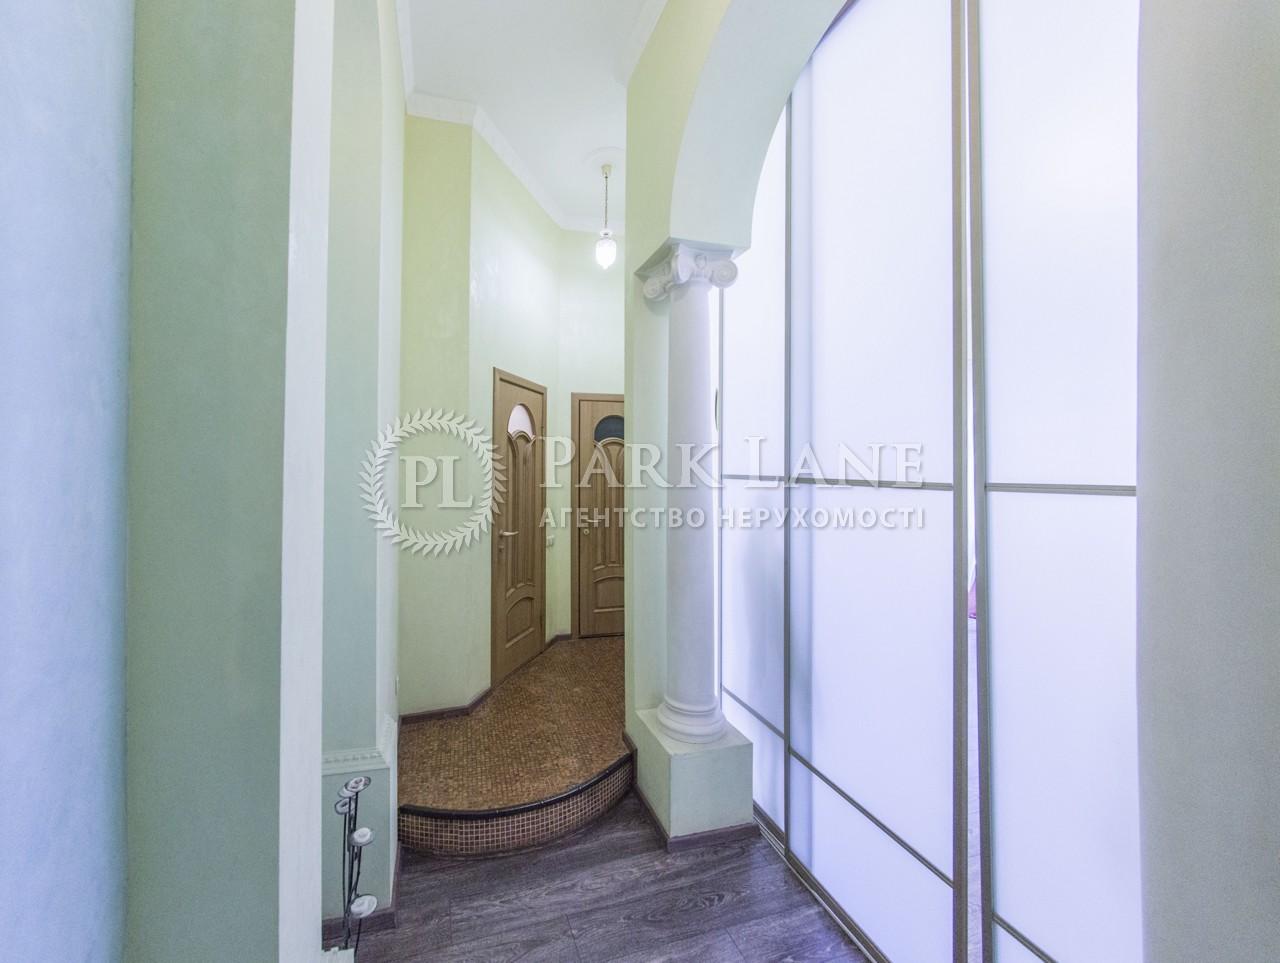 Квартира вул. Пушкінська, 31в, Київ, I-26436 - Фото 31